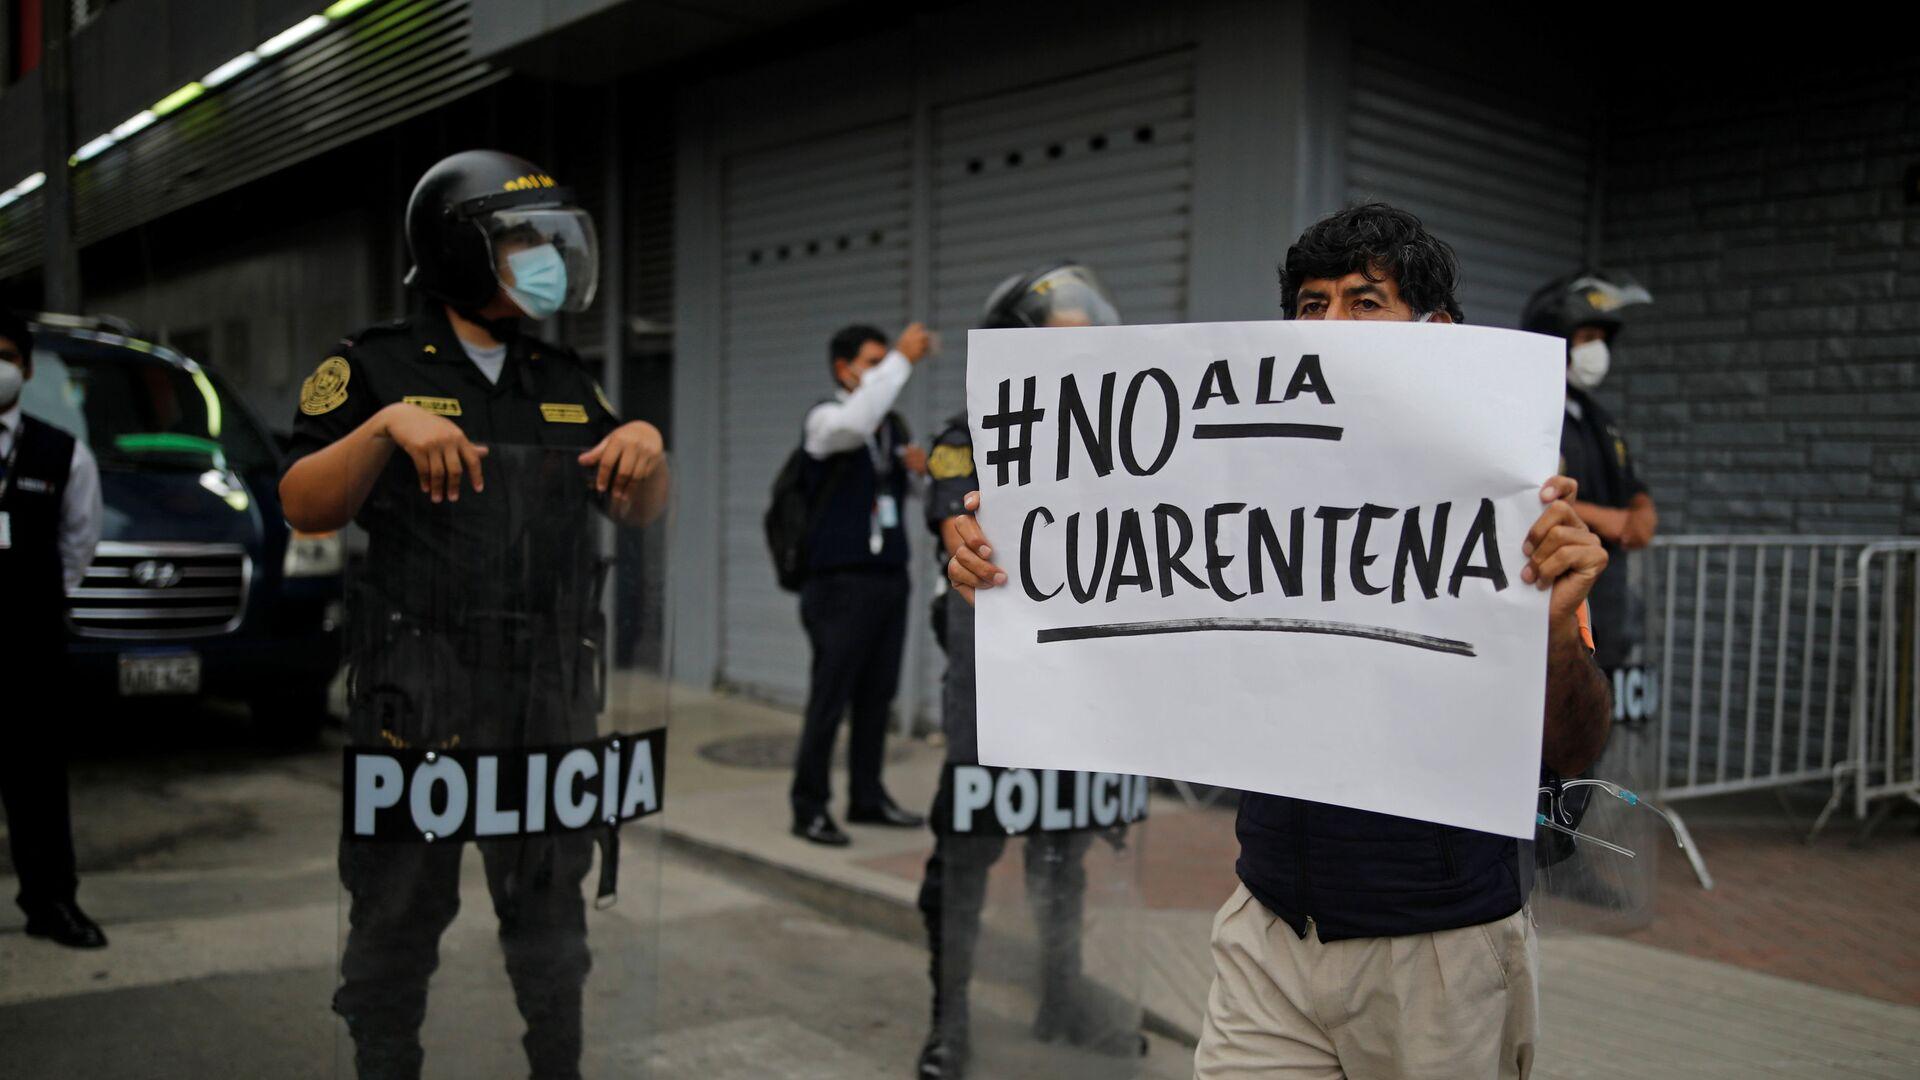 Protestas contra la cuarentena en Perú - Sputnik Mundo, 1920, 24.02.2021